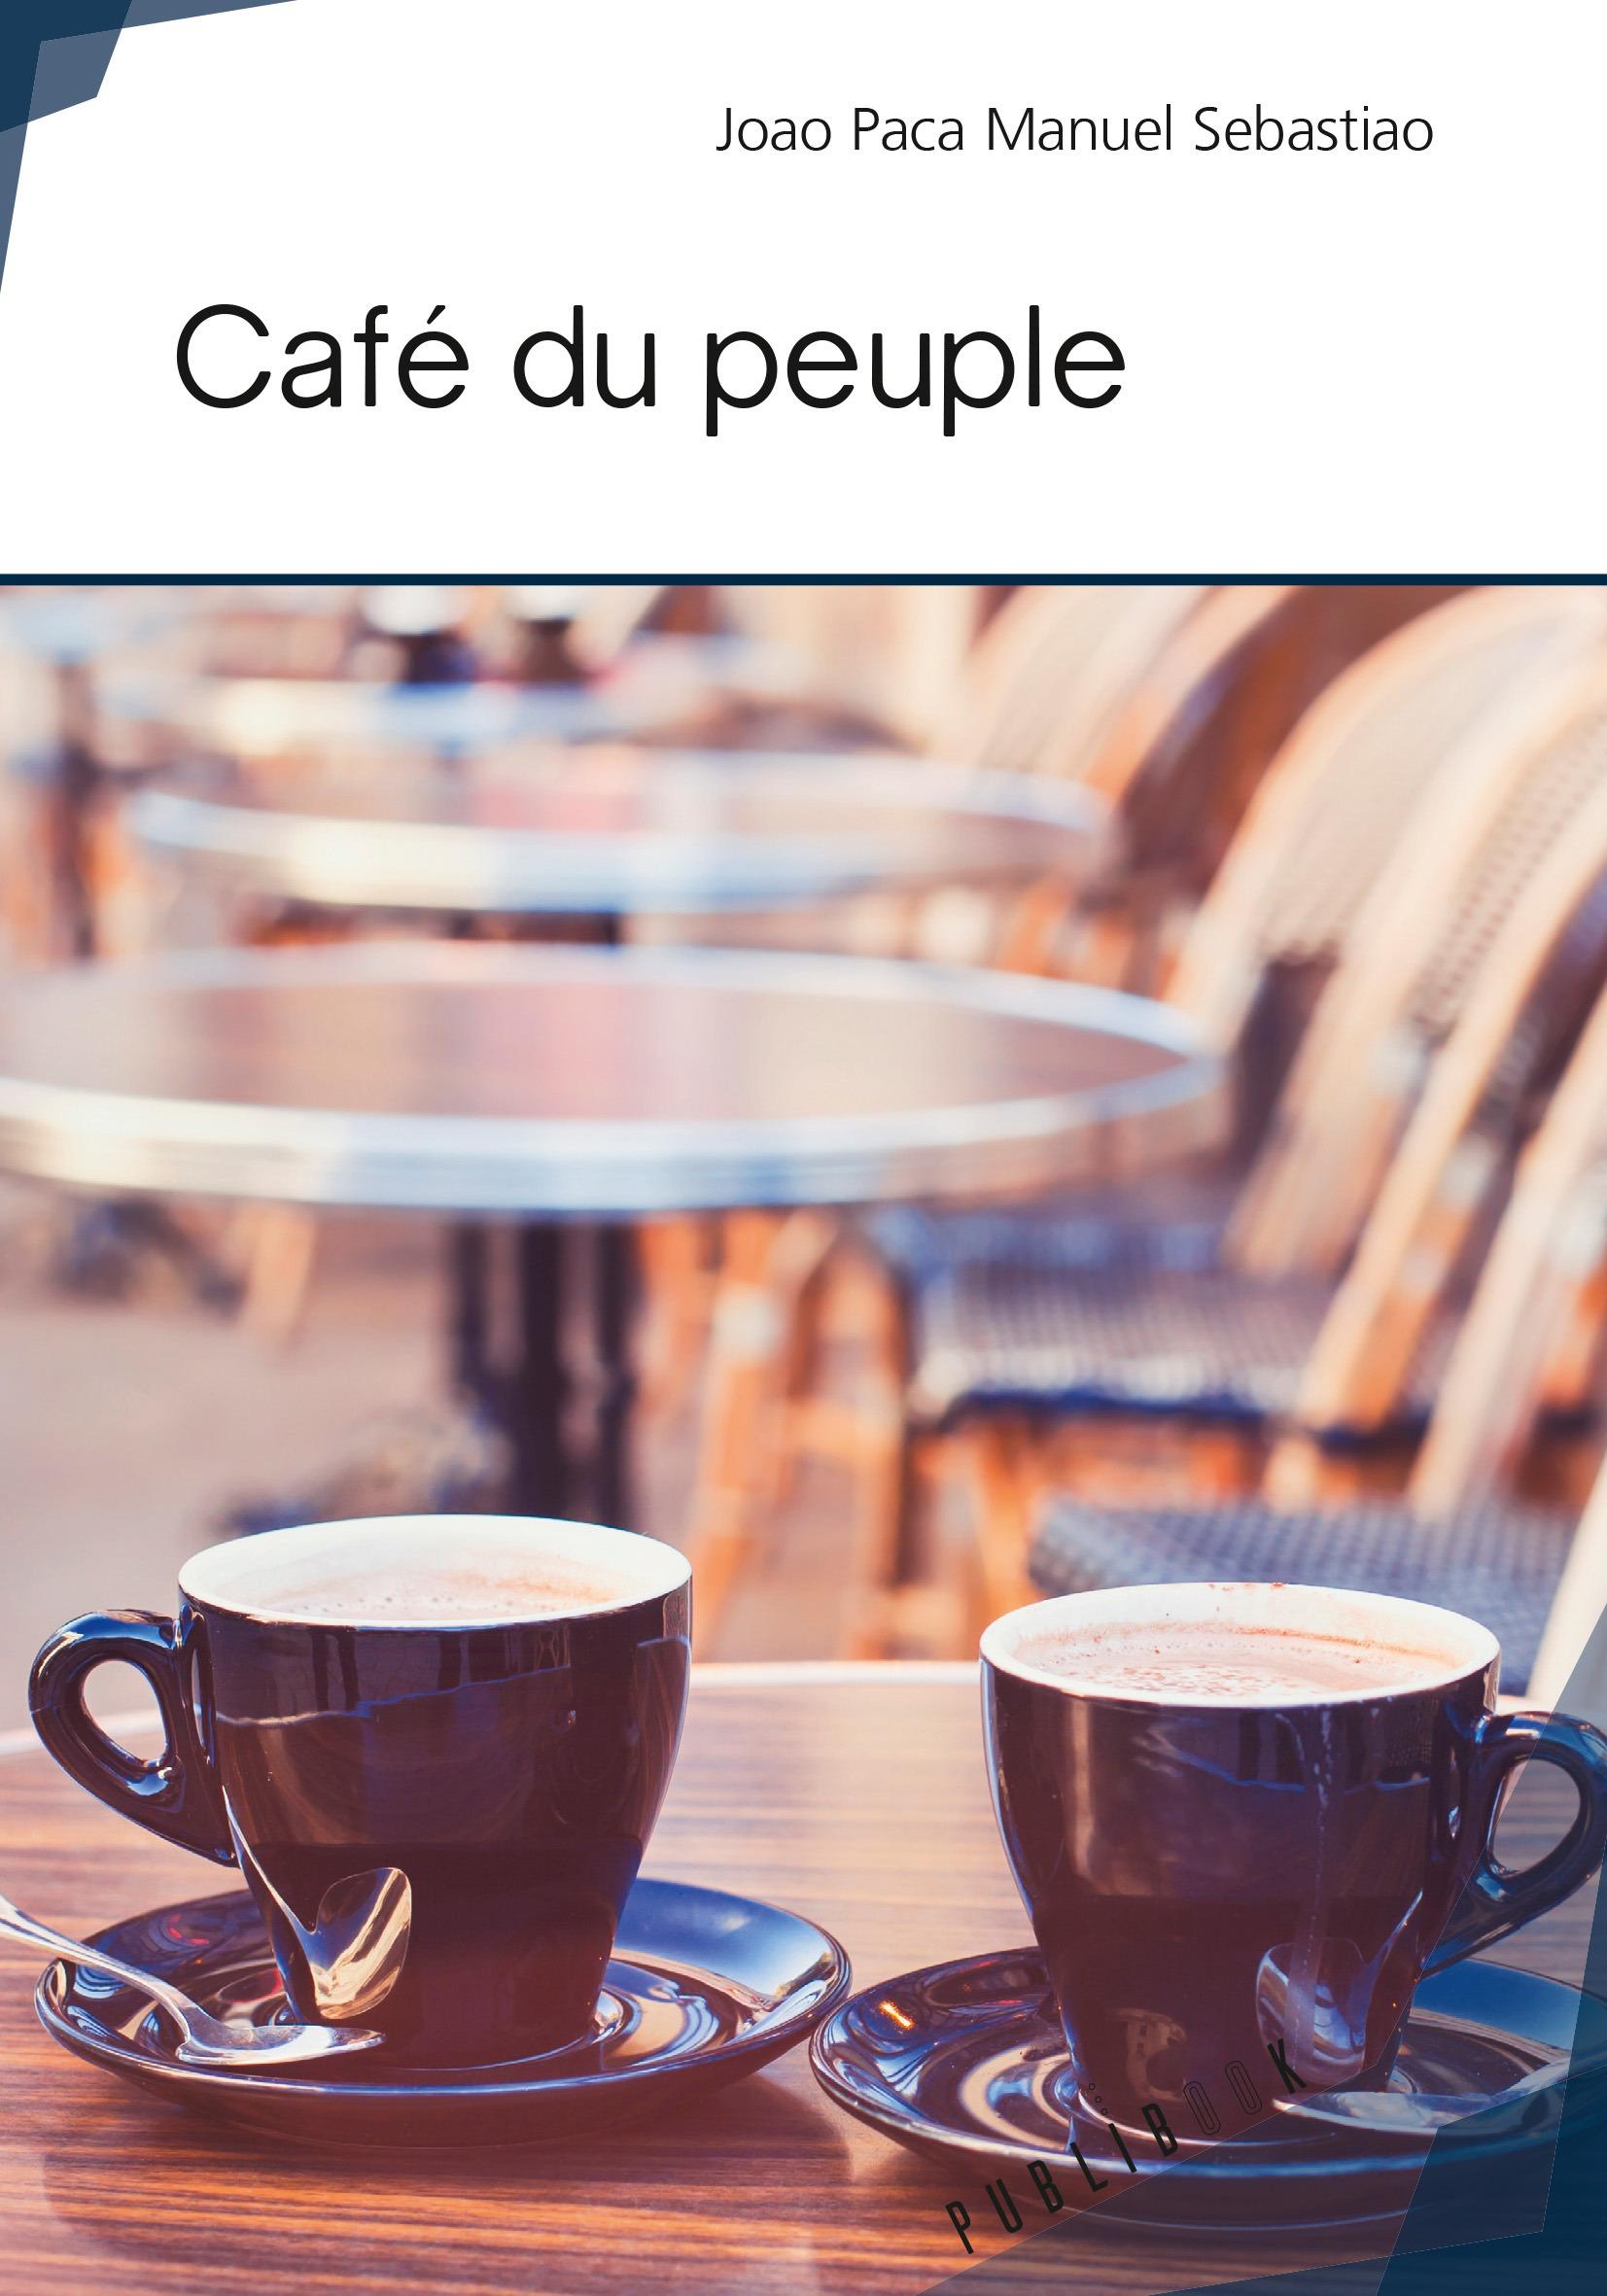 Café du peuple